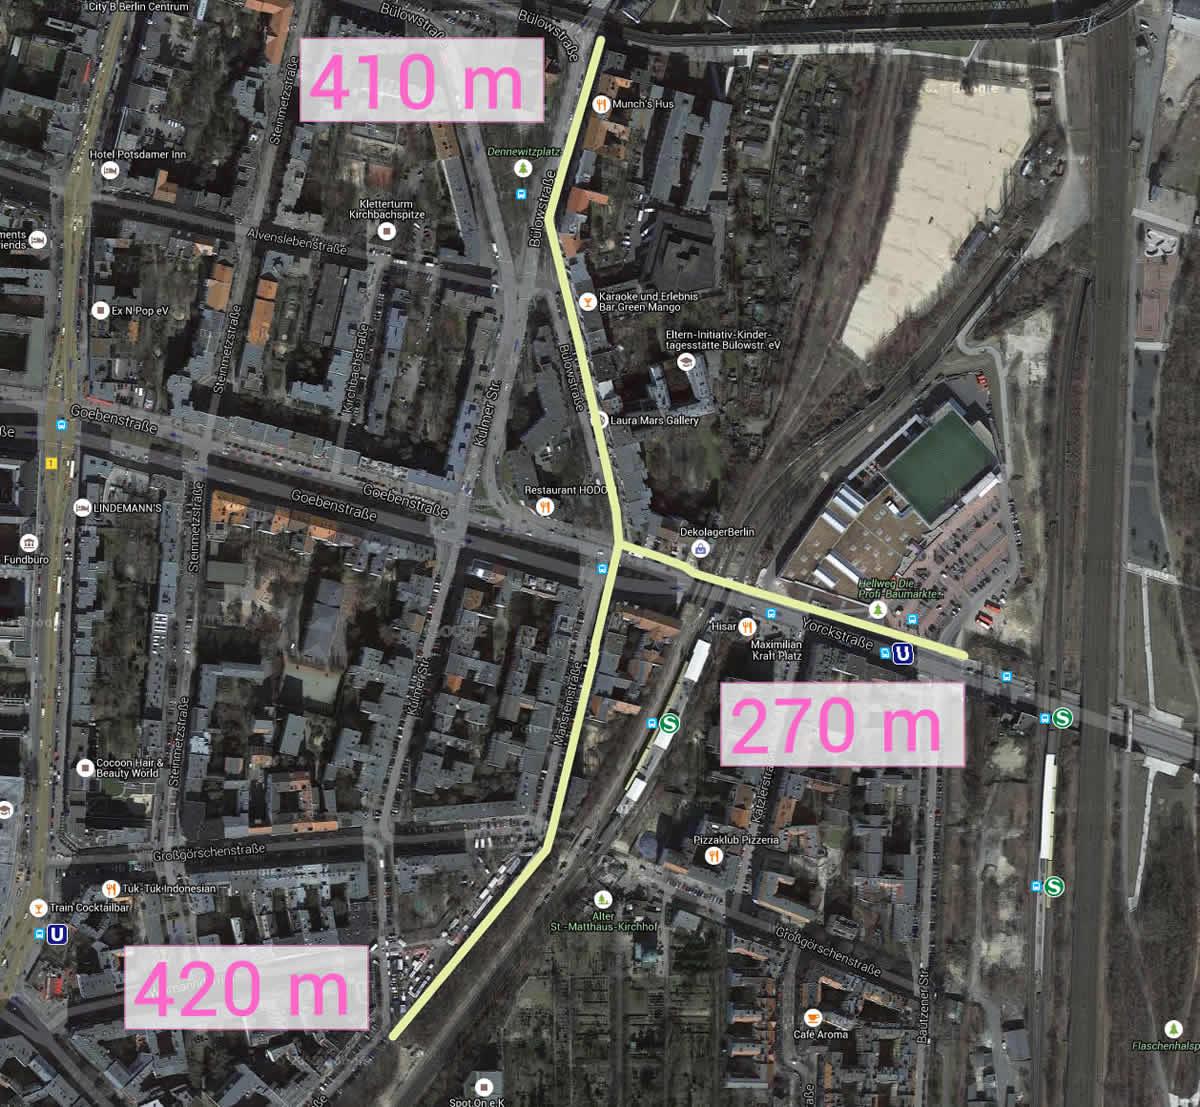 Entfernungen von der Kreuzung Yorck/Manstein (nördliche Straßenseite) zu den barrierefreien Eingänegen Bülowbogen und Hellweg in den Westpark des Gleisdreiecks sowie zum Eingang in den Wannseebahngraben am Crellemarkt.